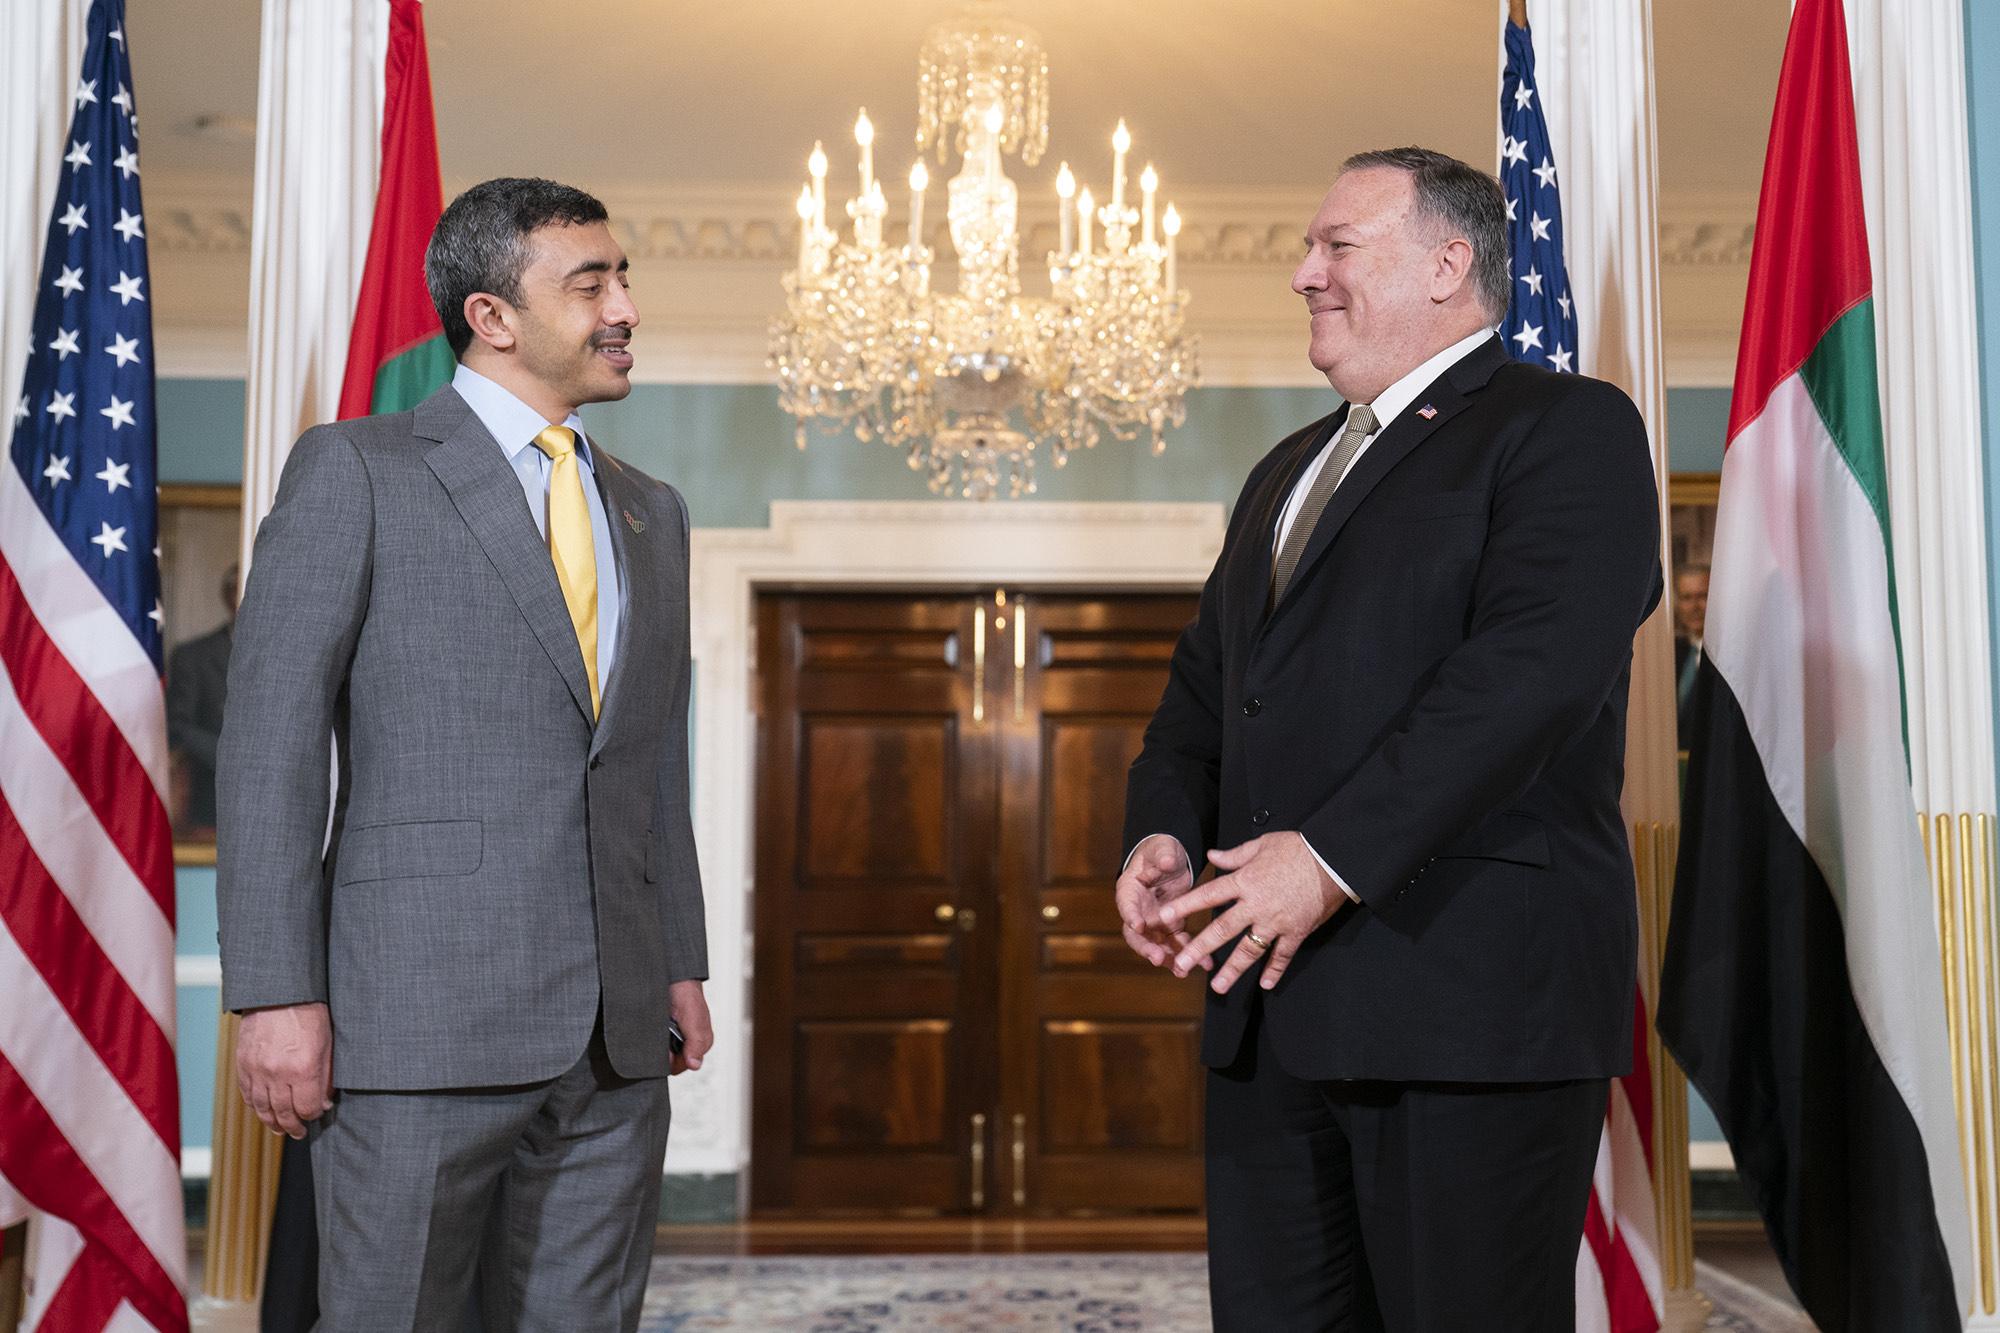 عبدالله بن زايد يلتقي بومبيو وقادة الكونجرس الأمريكي في ختام زيارته إلى واشنطن